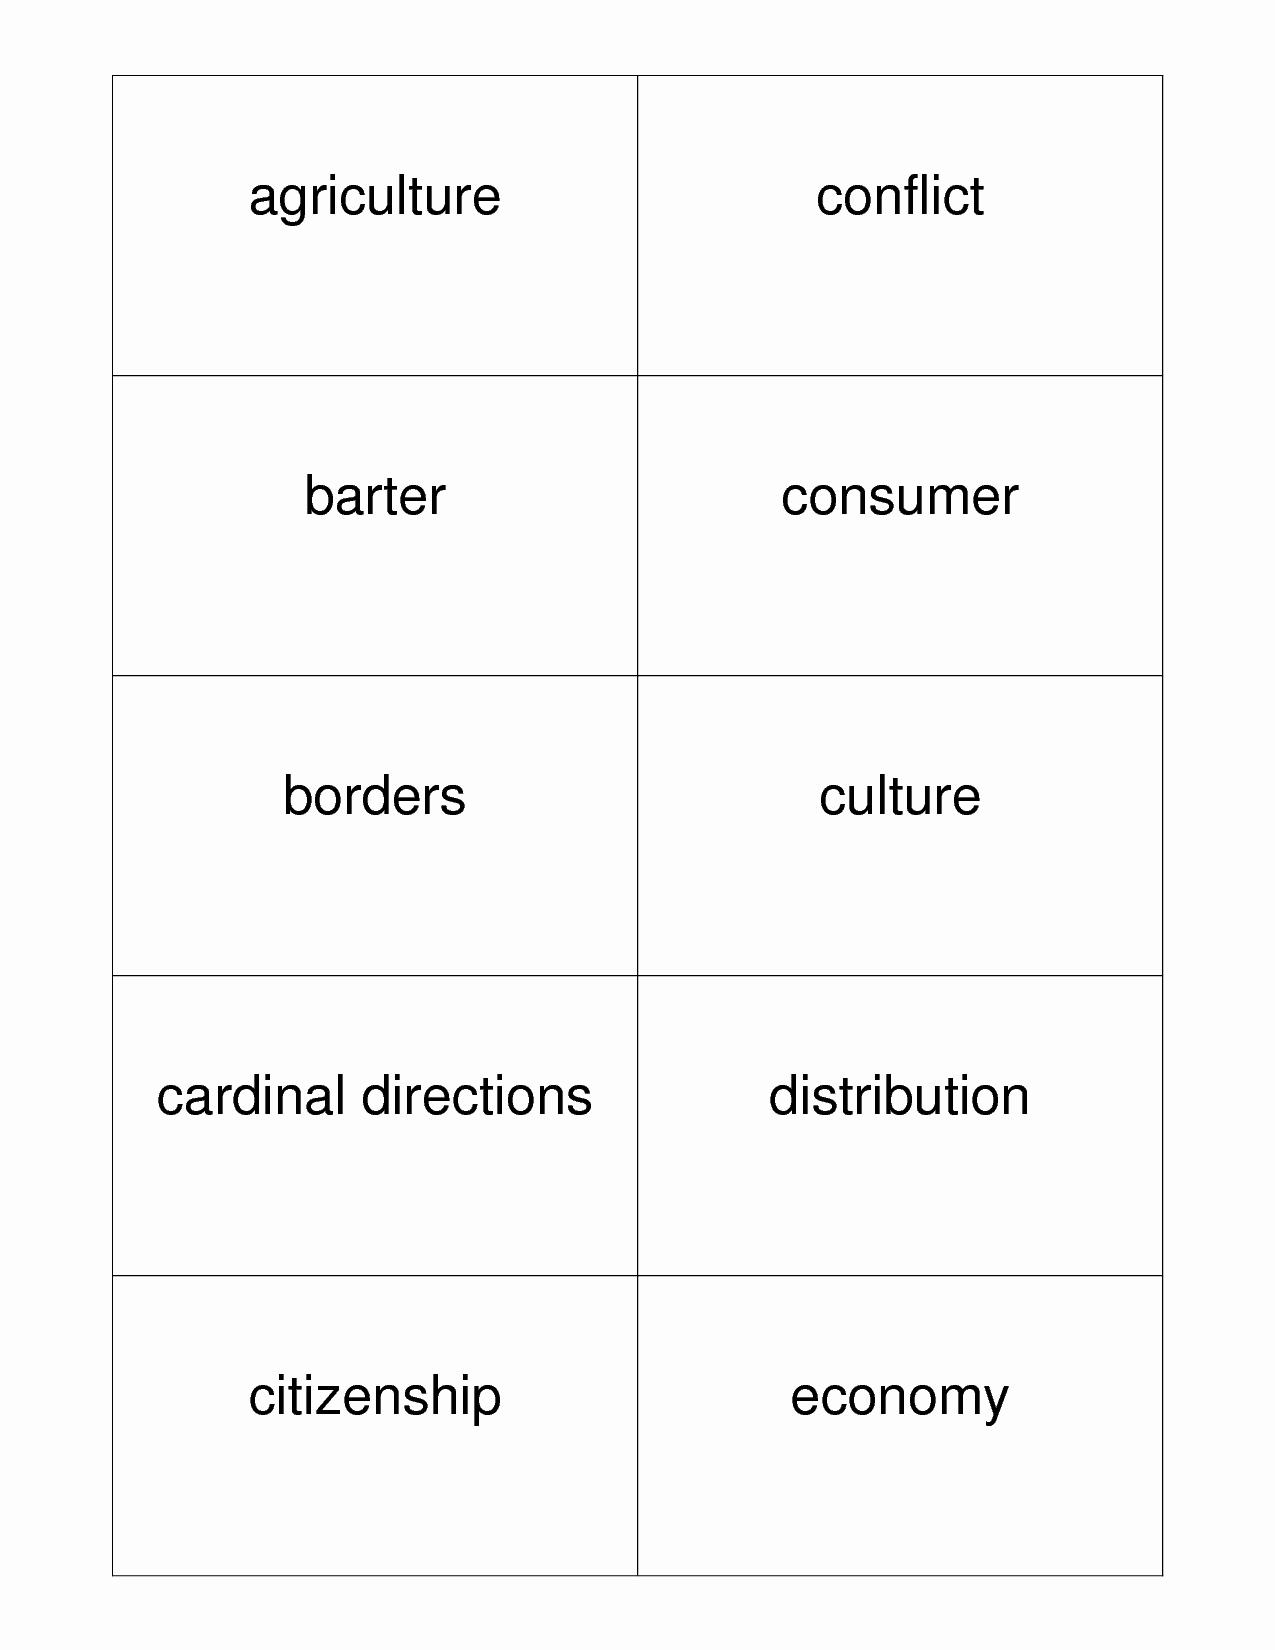 Second Grade social Studies Worksheet Elegant 5 Best Of Agriculture Worksheets for Elementary